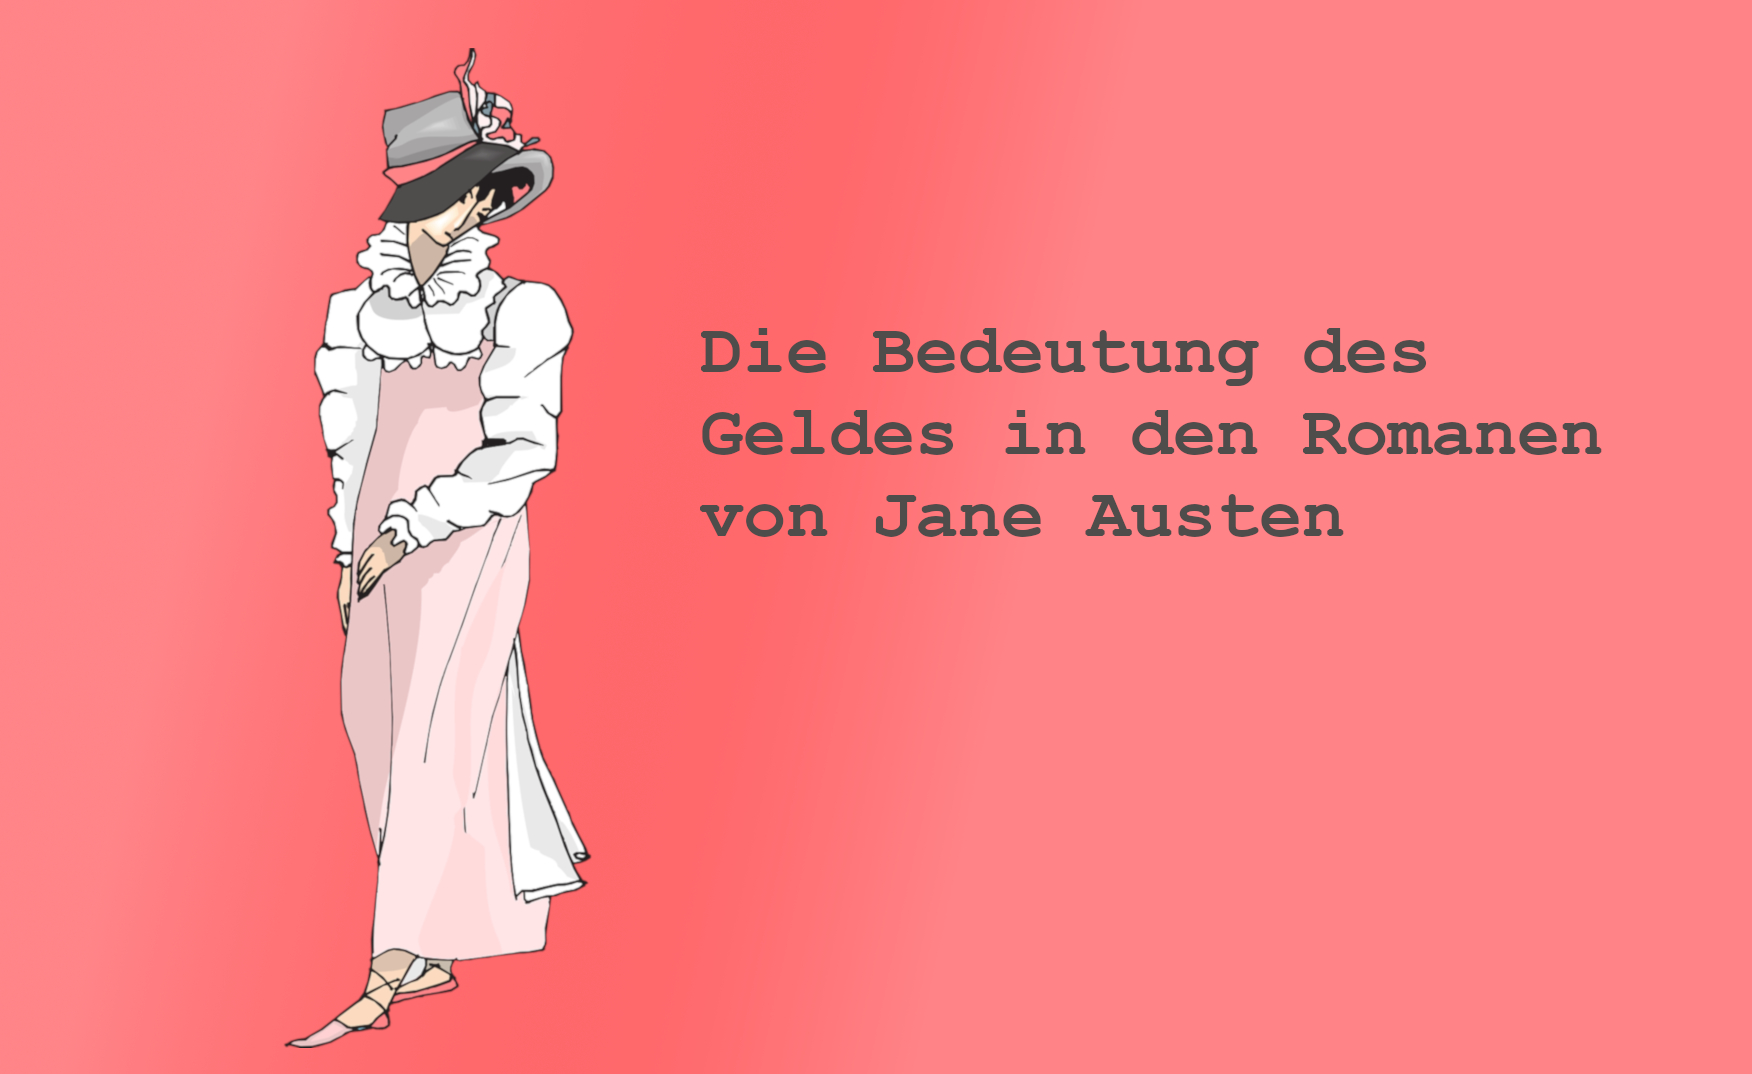 Die Bedeutung des Geldes in den Romanen von Jane Austen